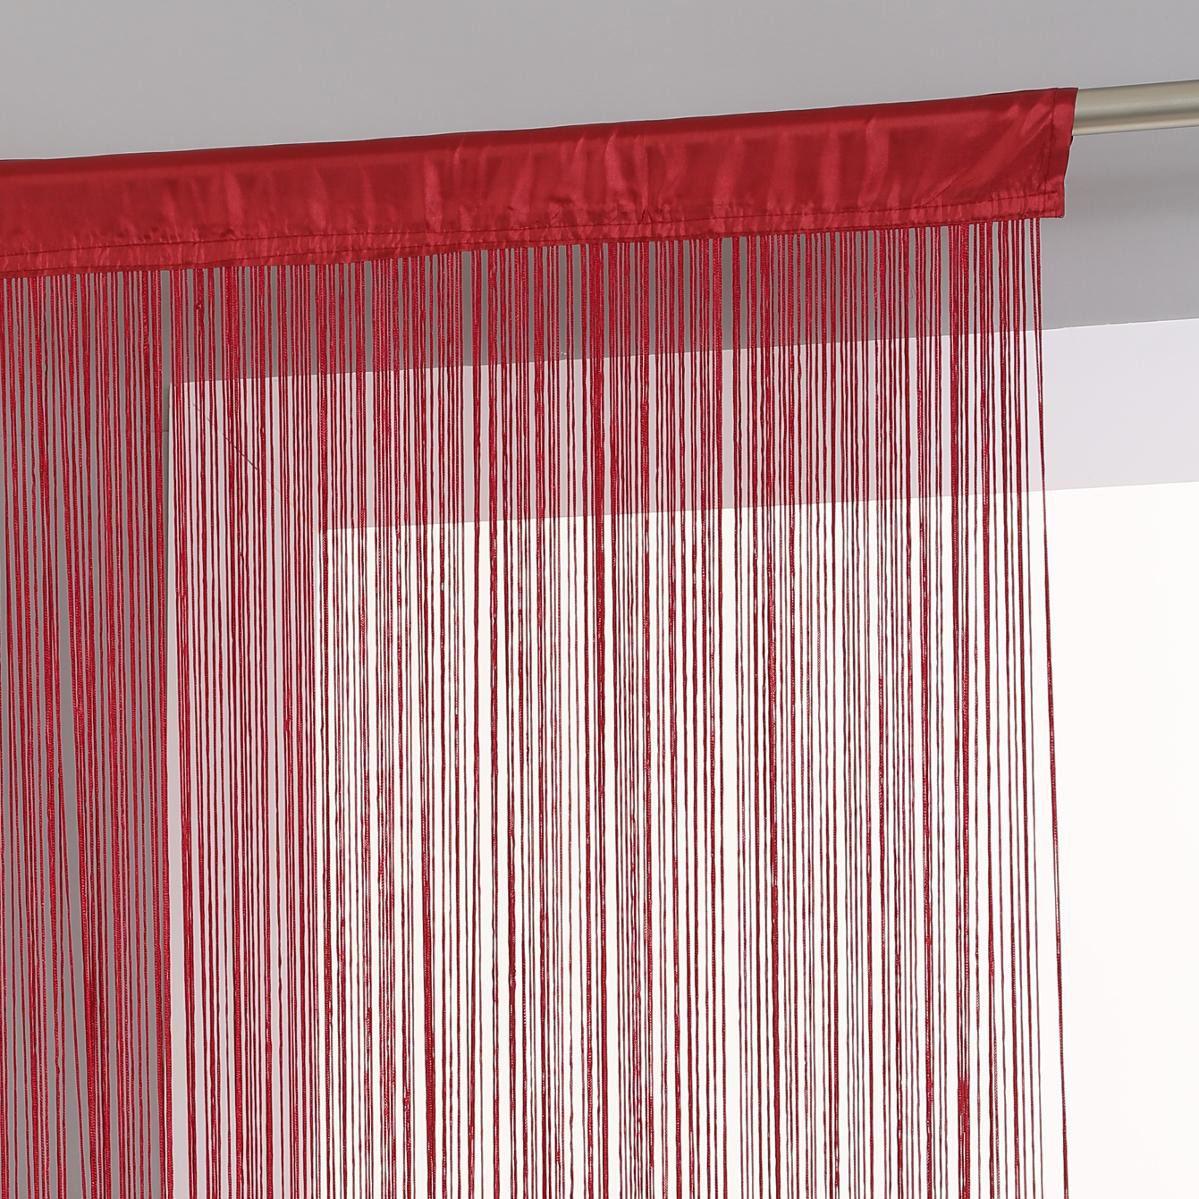 rideau de fil 90 x h200 cm uni rouge rideau de porte. Black Bedroom Furniture Sets. Home Design Ideas